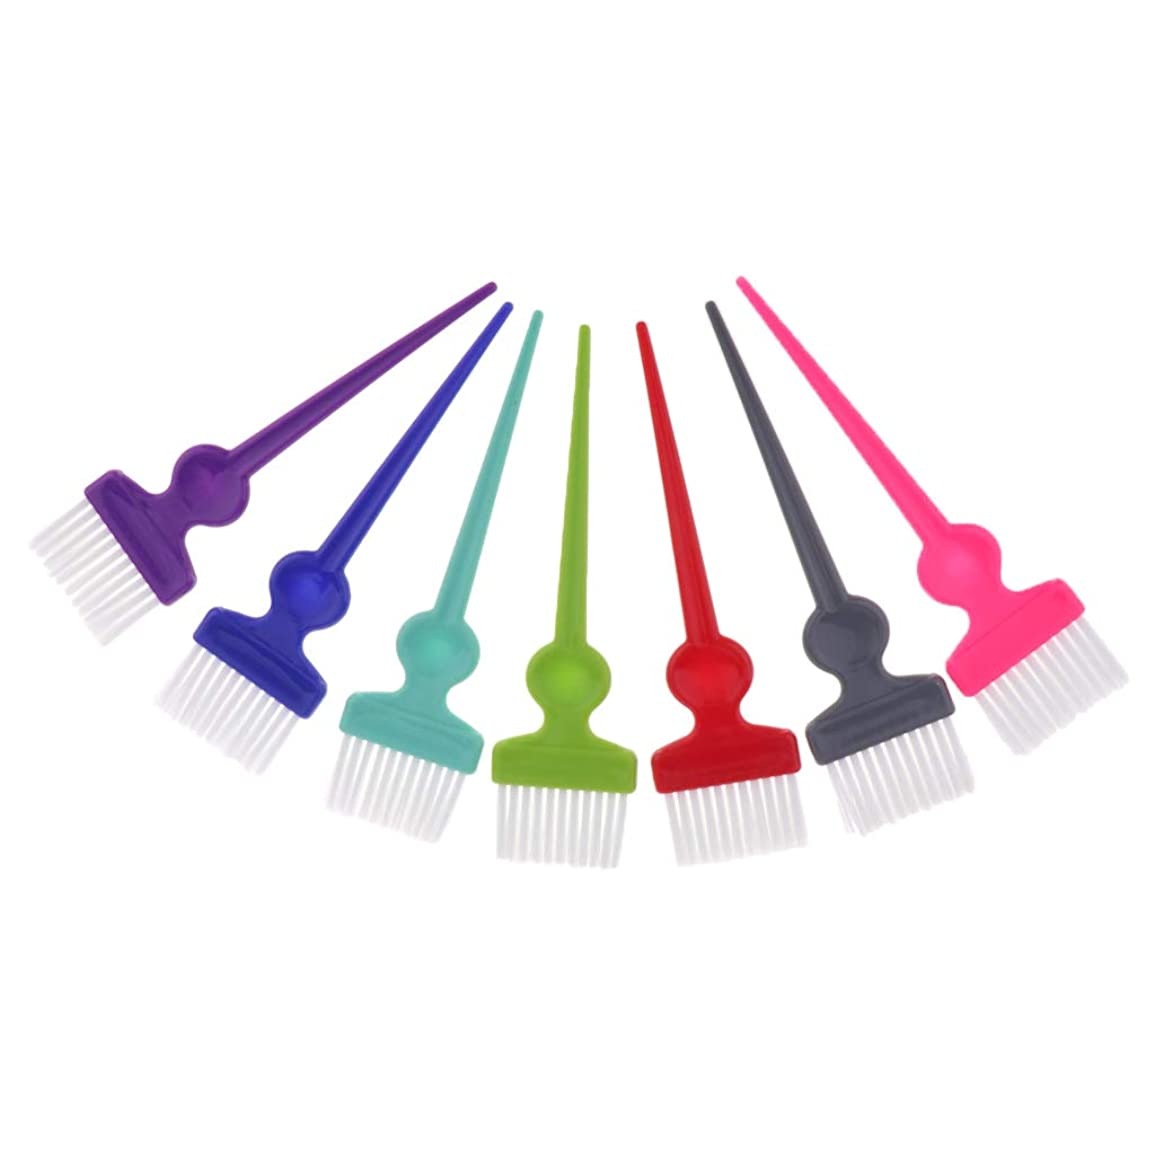 赤外線広まった証拠CUTICATE ヘアダイブラシ ヘアカラーブラシ 染毛ブラシ サロン 理容 理髪 髪着色ツール カラフル 7本セット